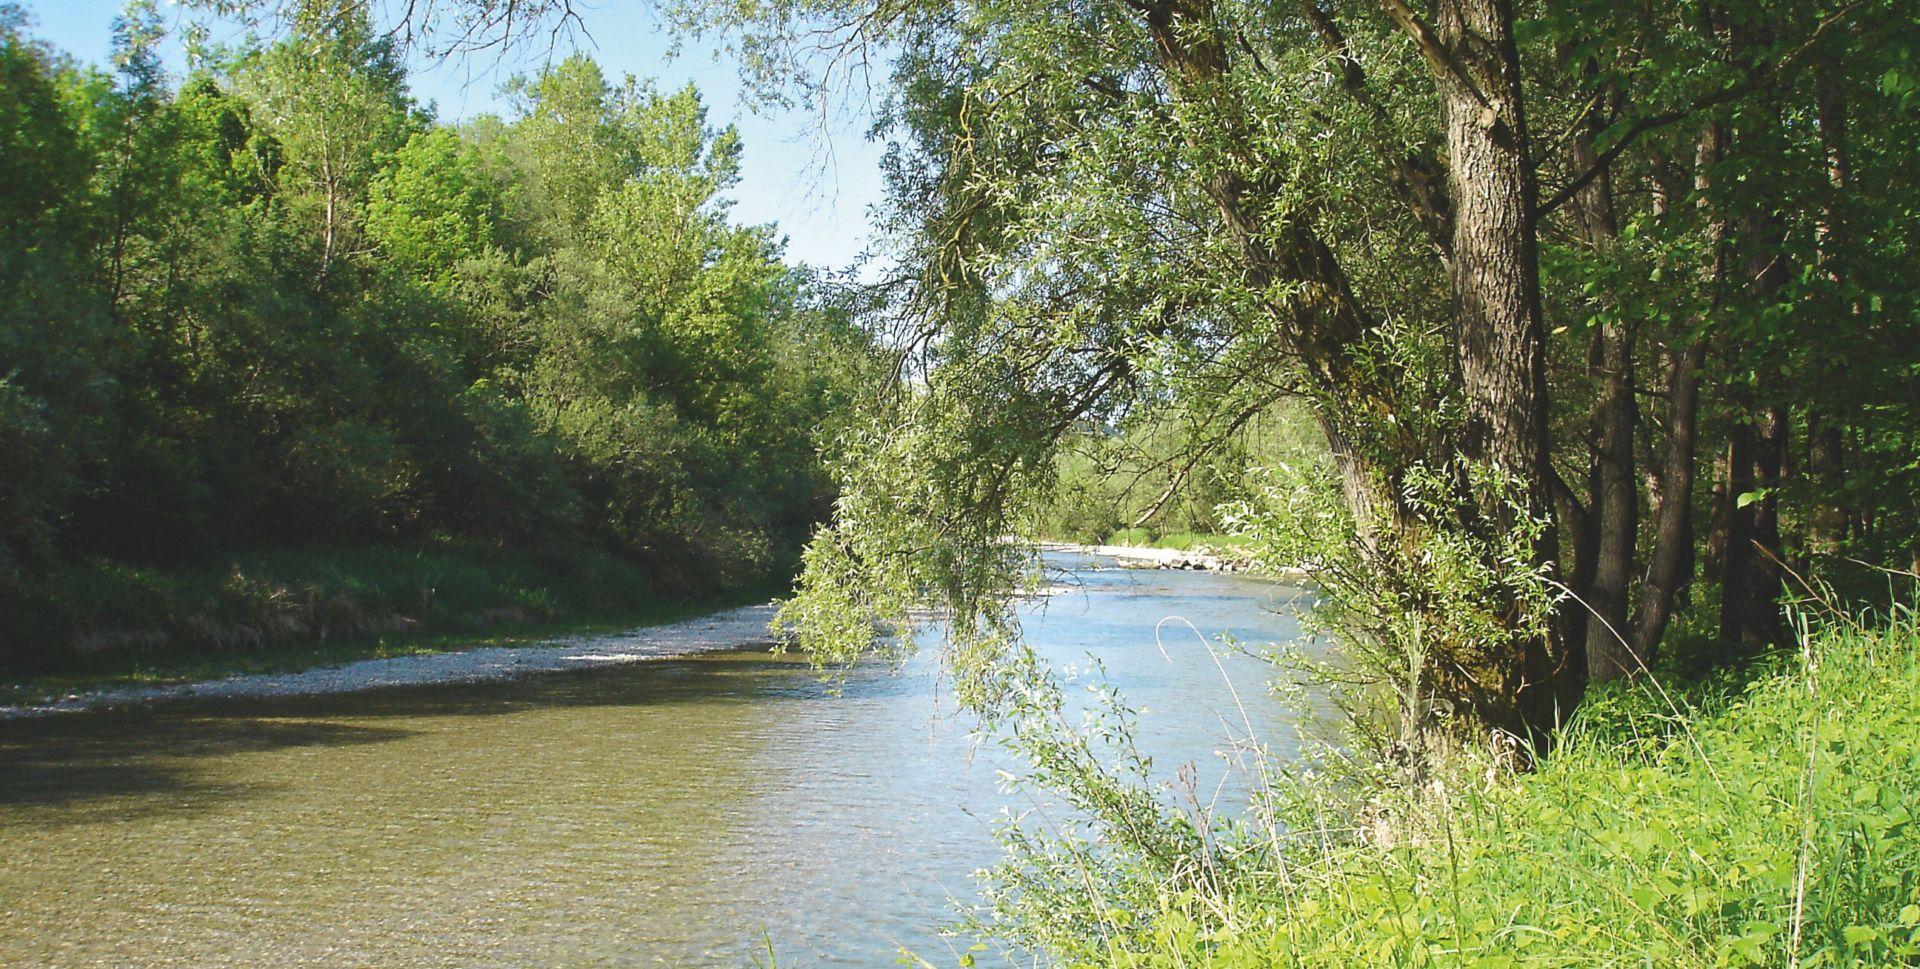 Ein idyllischer Fluss in seinem natürlichen Bett: die Alz